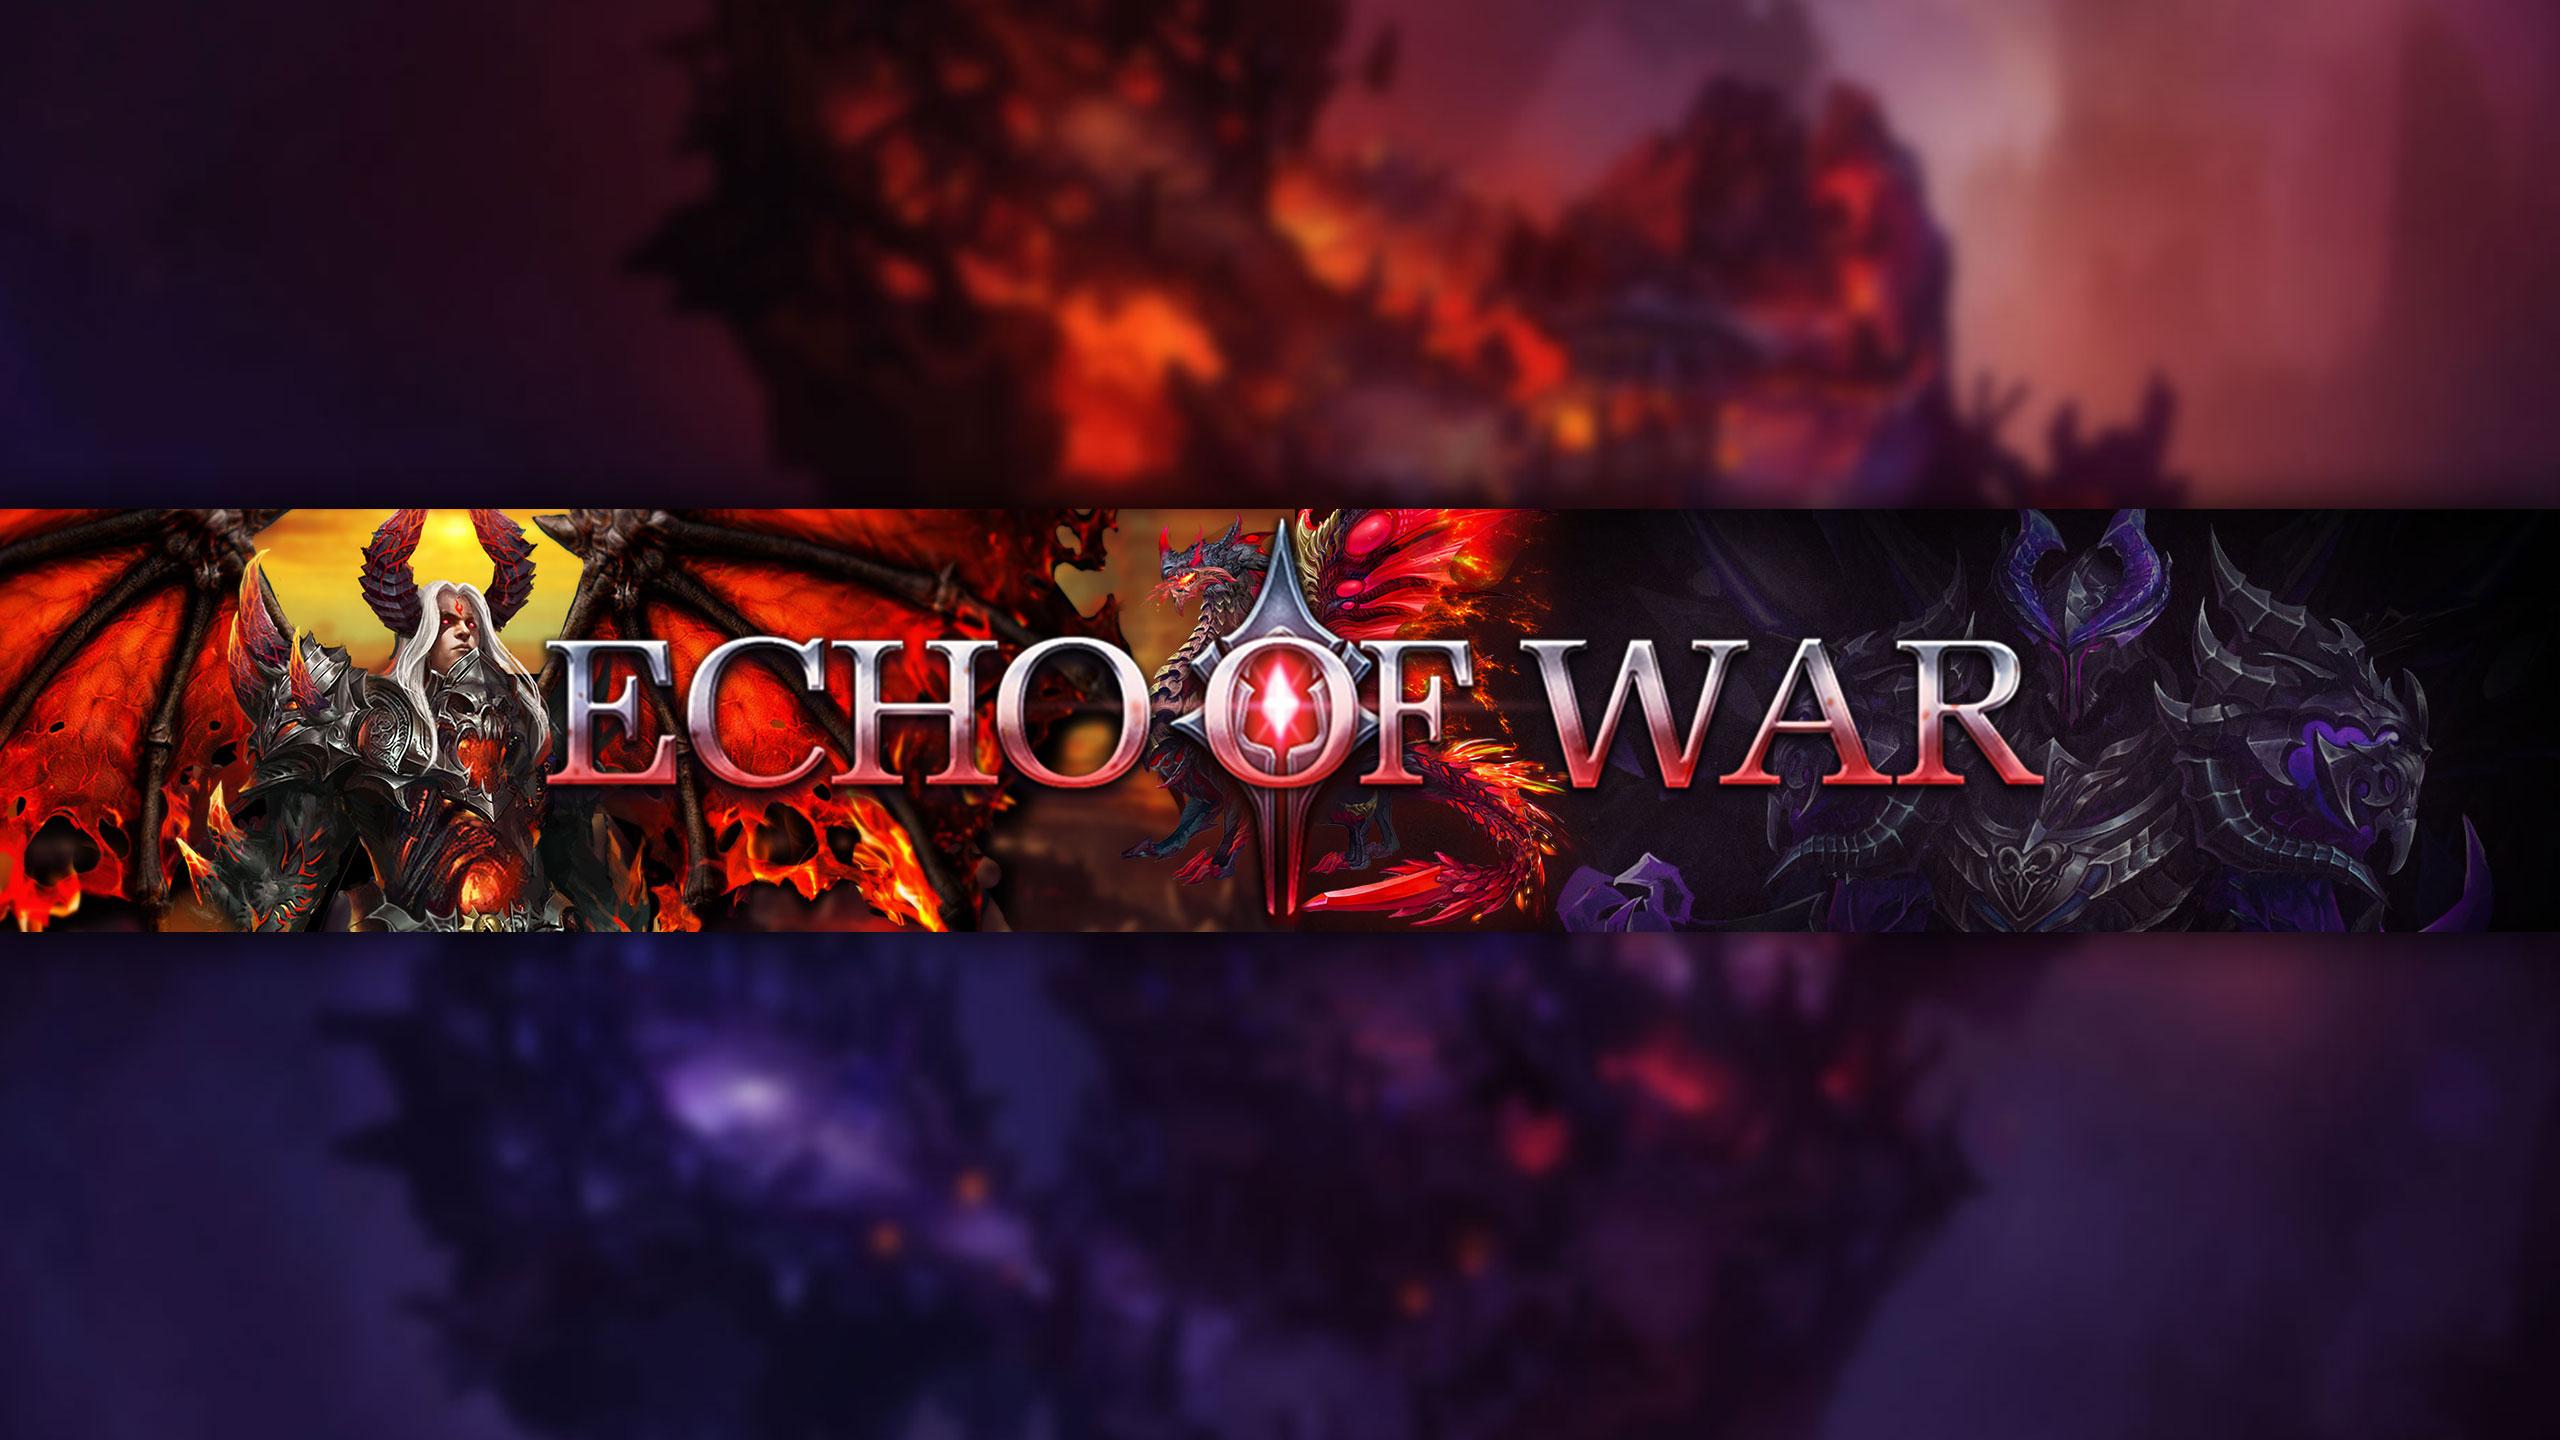 Фиолетовый фон для шапки игрового канала Echo of War с пламенем и сказочными персонажами.